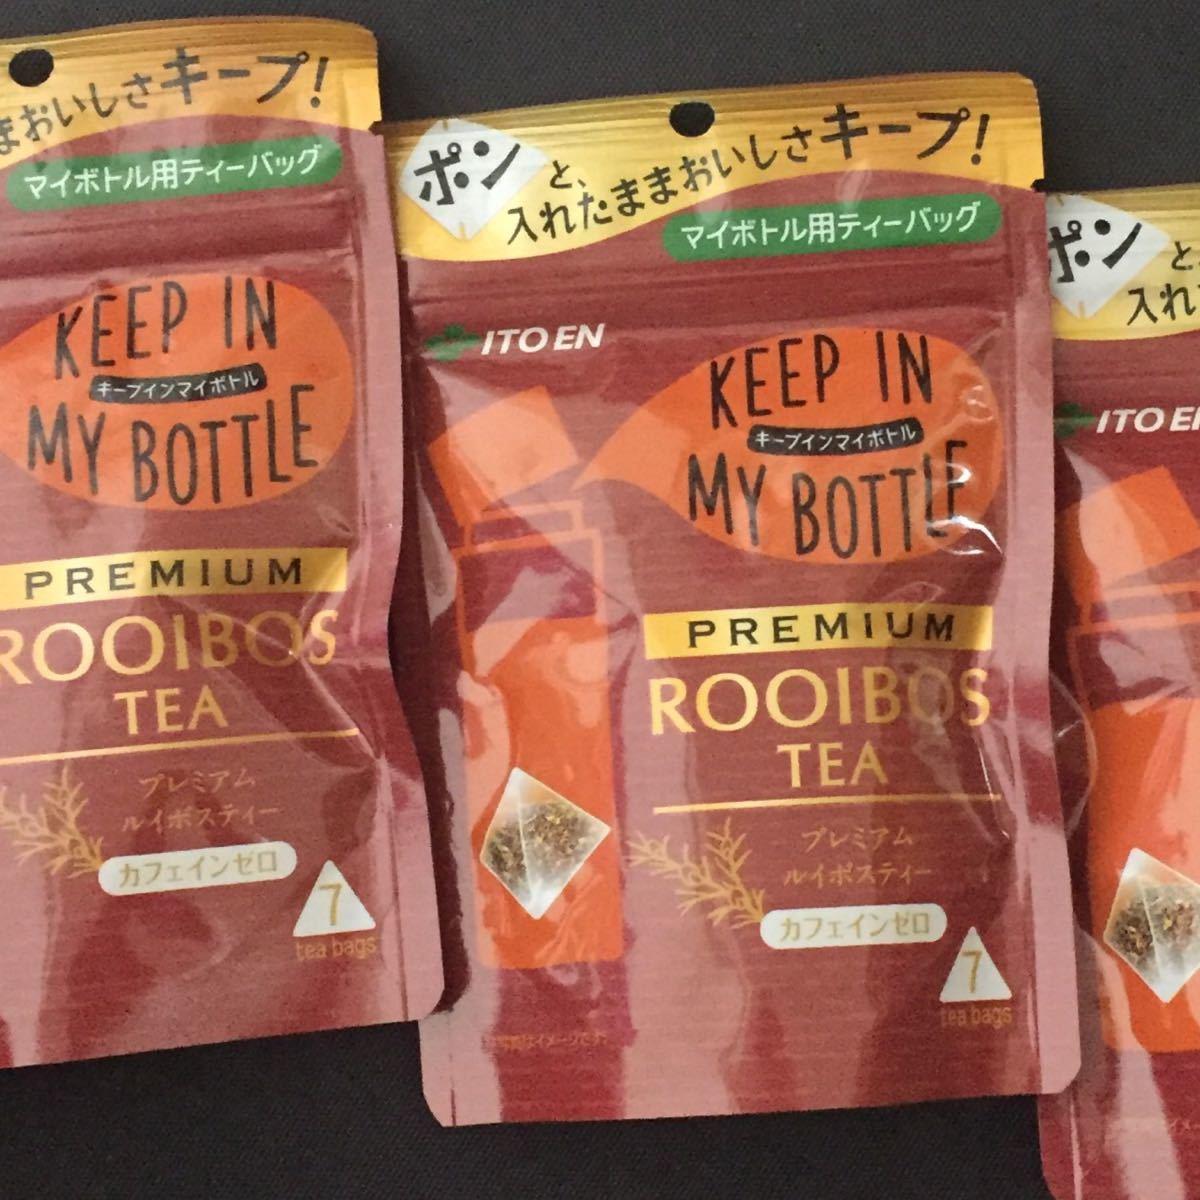 伊藤園 KEEPIN MYBOT TLEプレミアムルイボスティーティーバッグ 7袋×3